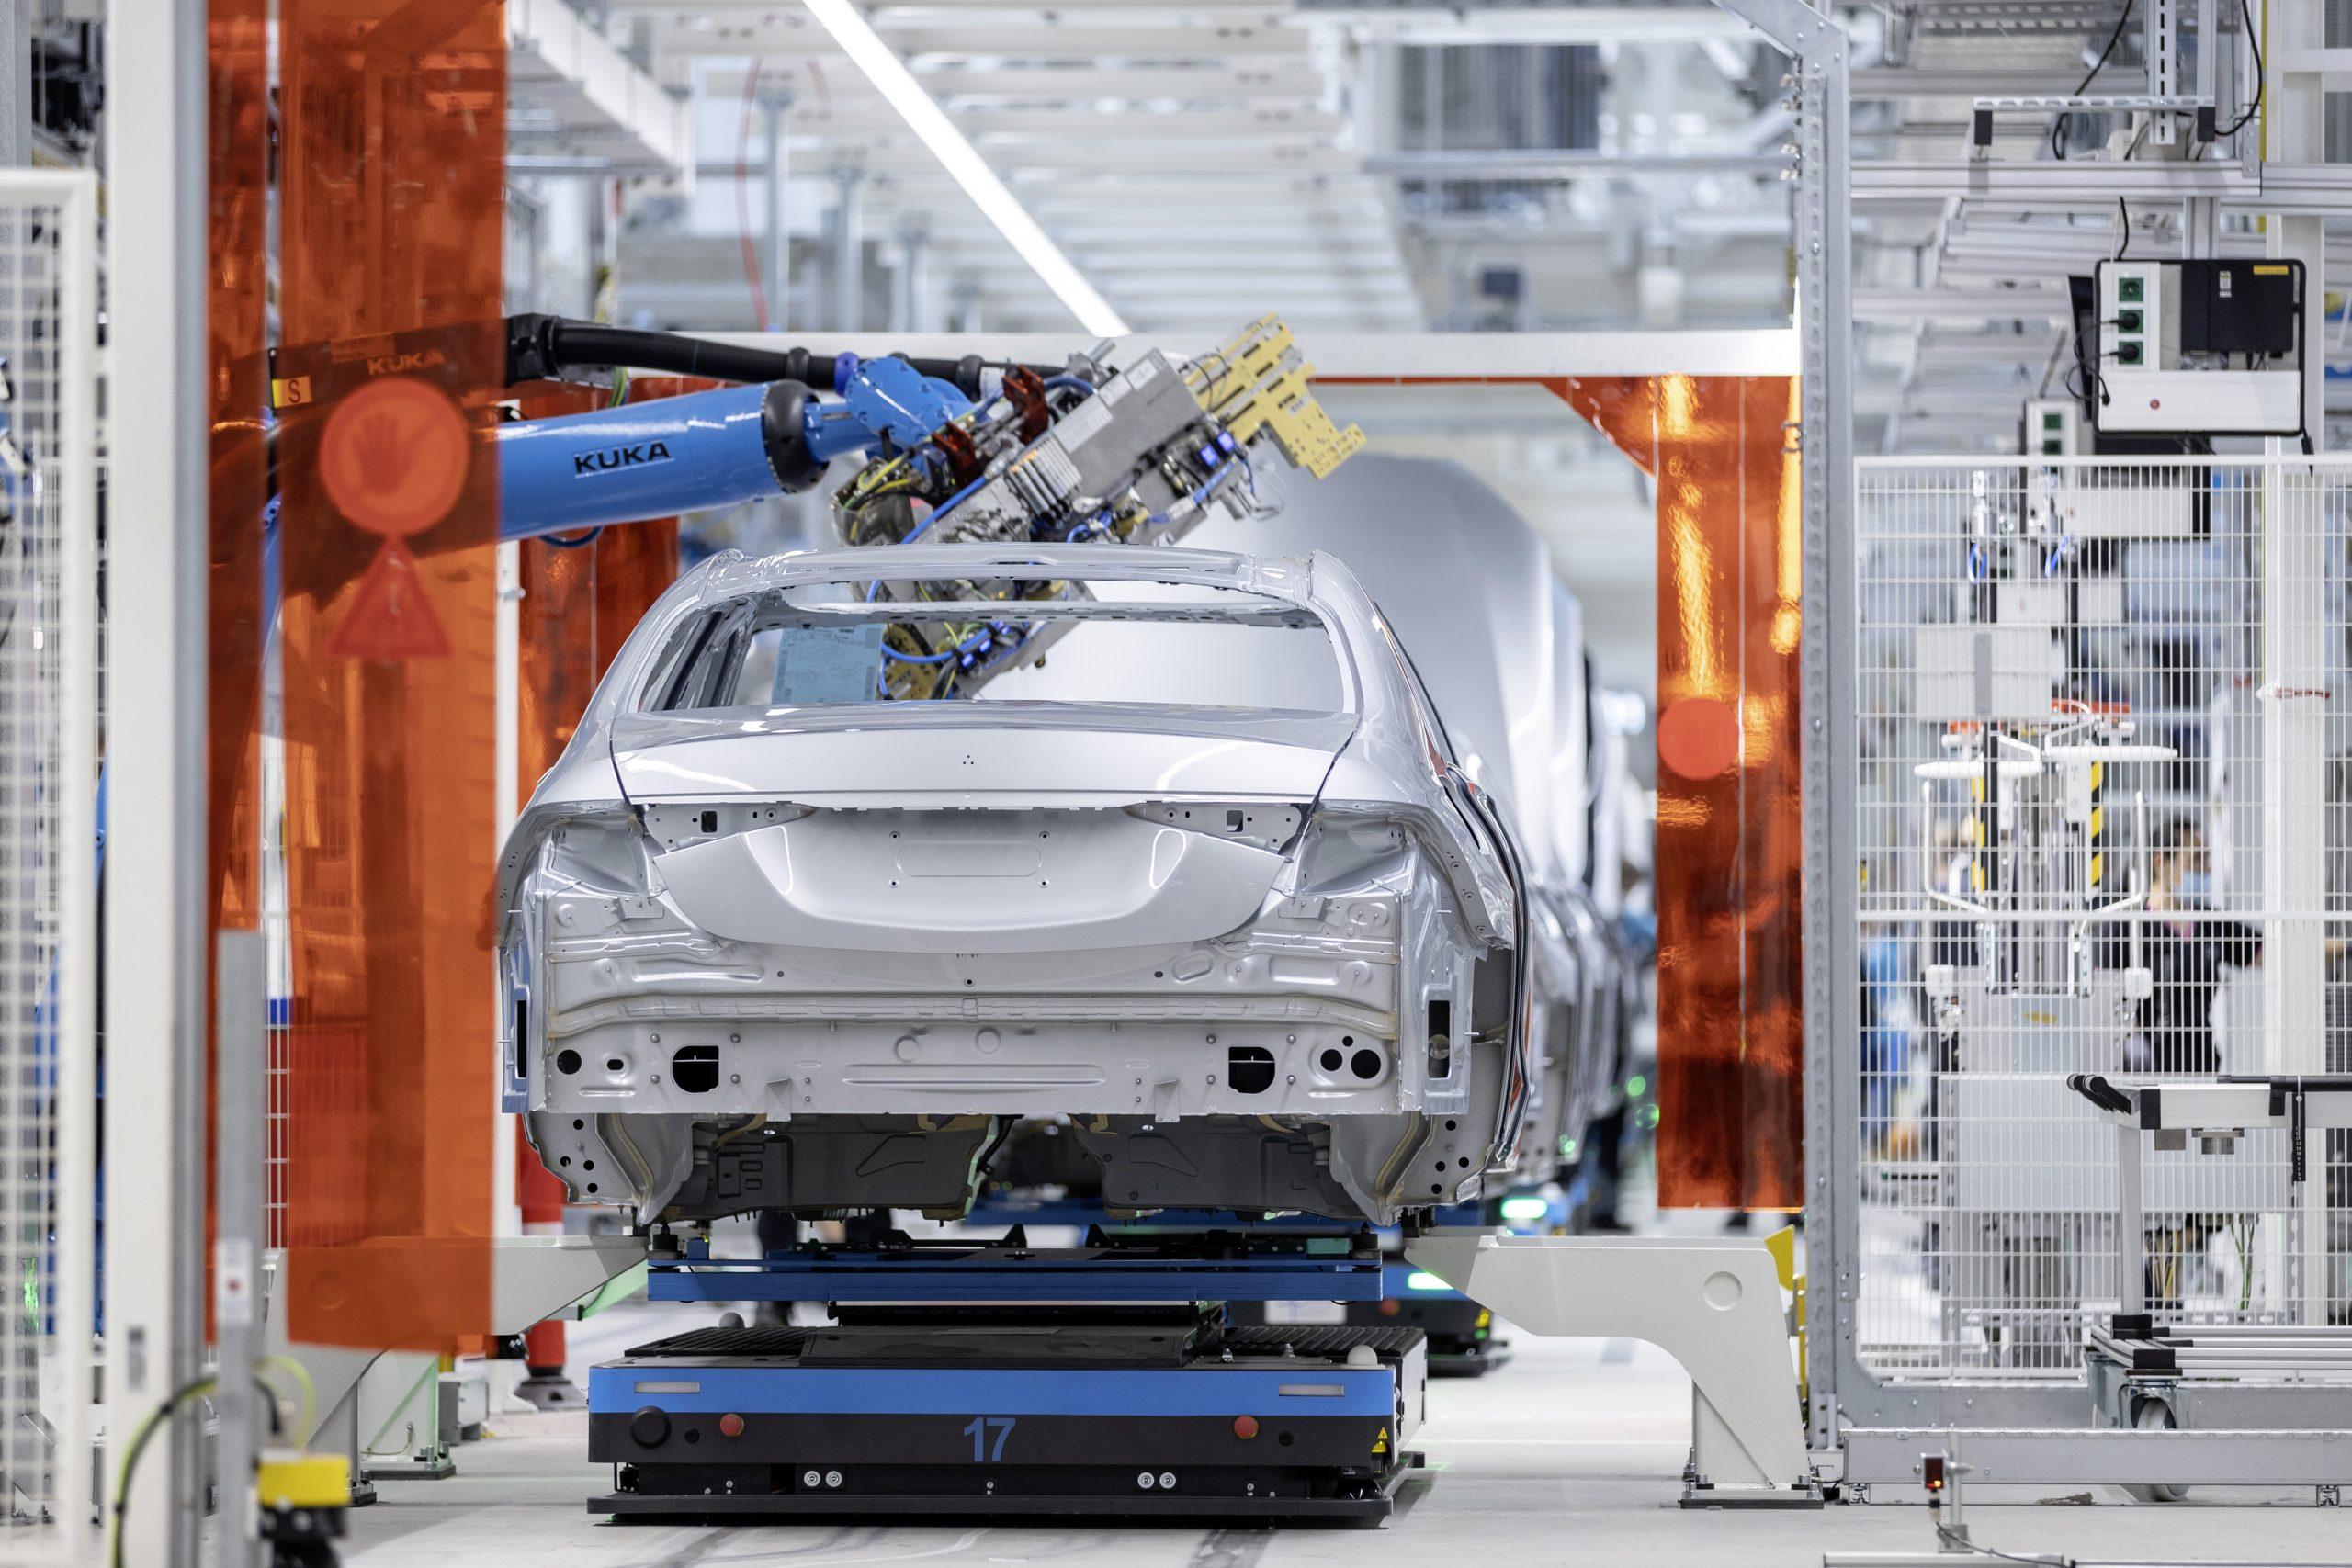 Eine PKW-Karosse wird auf einem Vision E - FTF von DPM in eine Roboterzelle eingefahren (Bild: Mercedes-Benz AG)